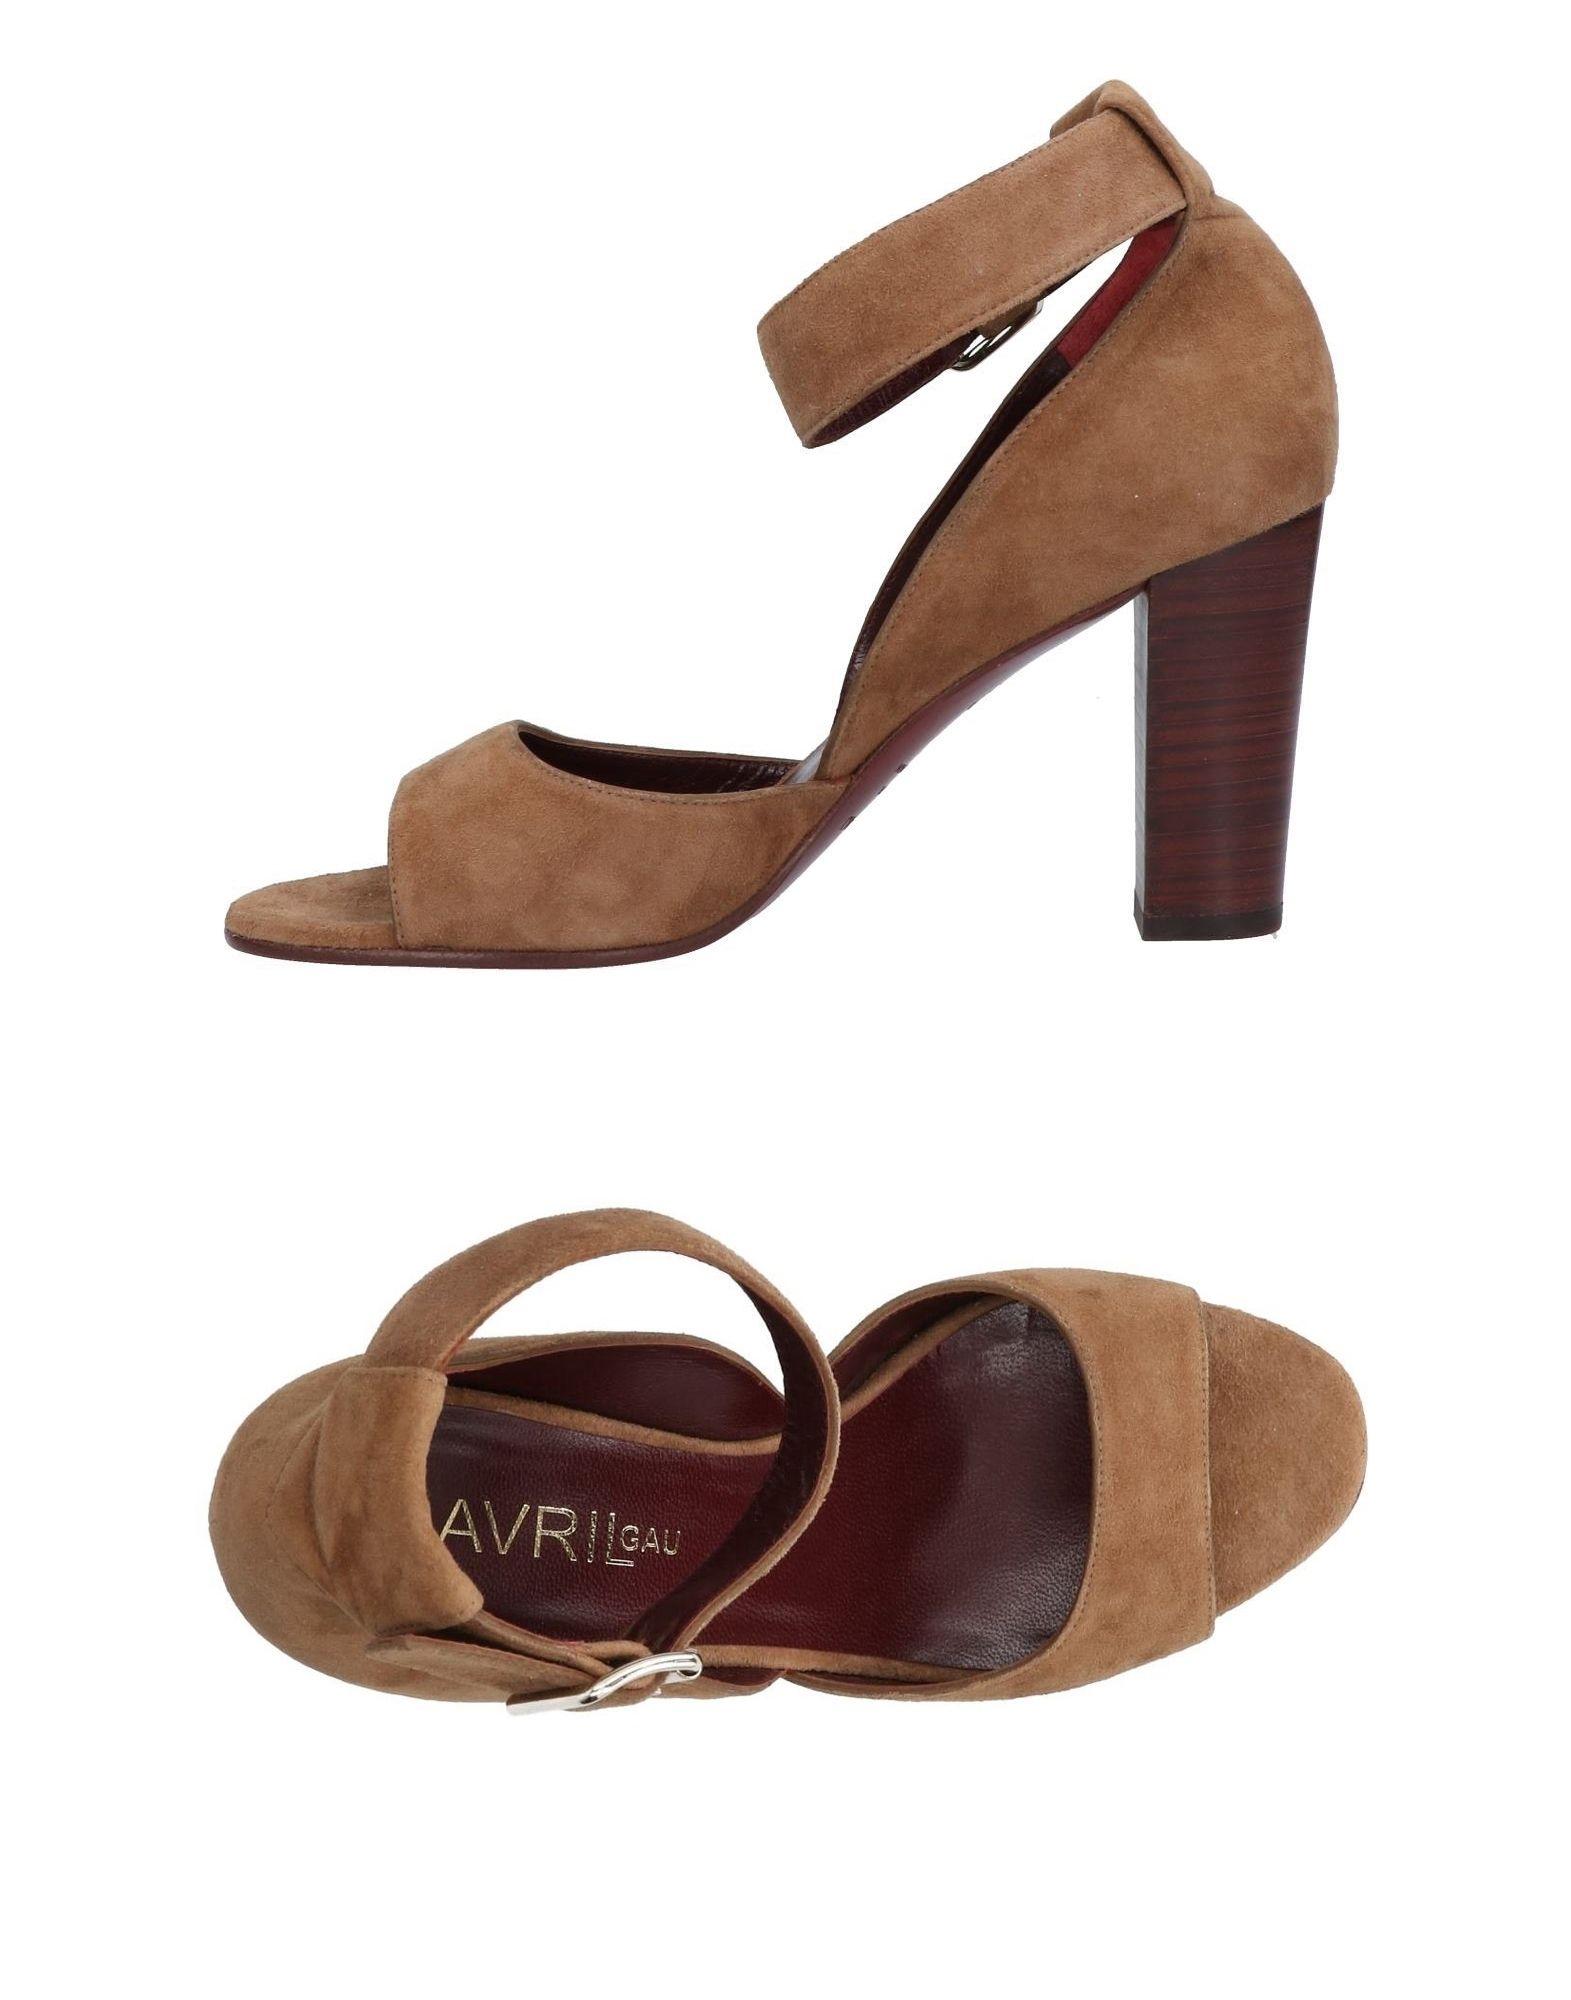 Chaussures - Tribunaux Avril Gau UkWToE